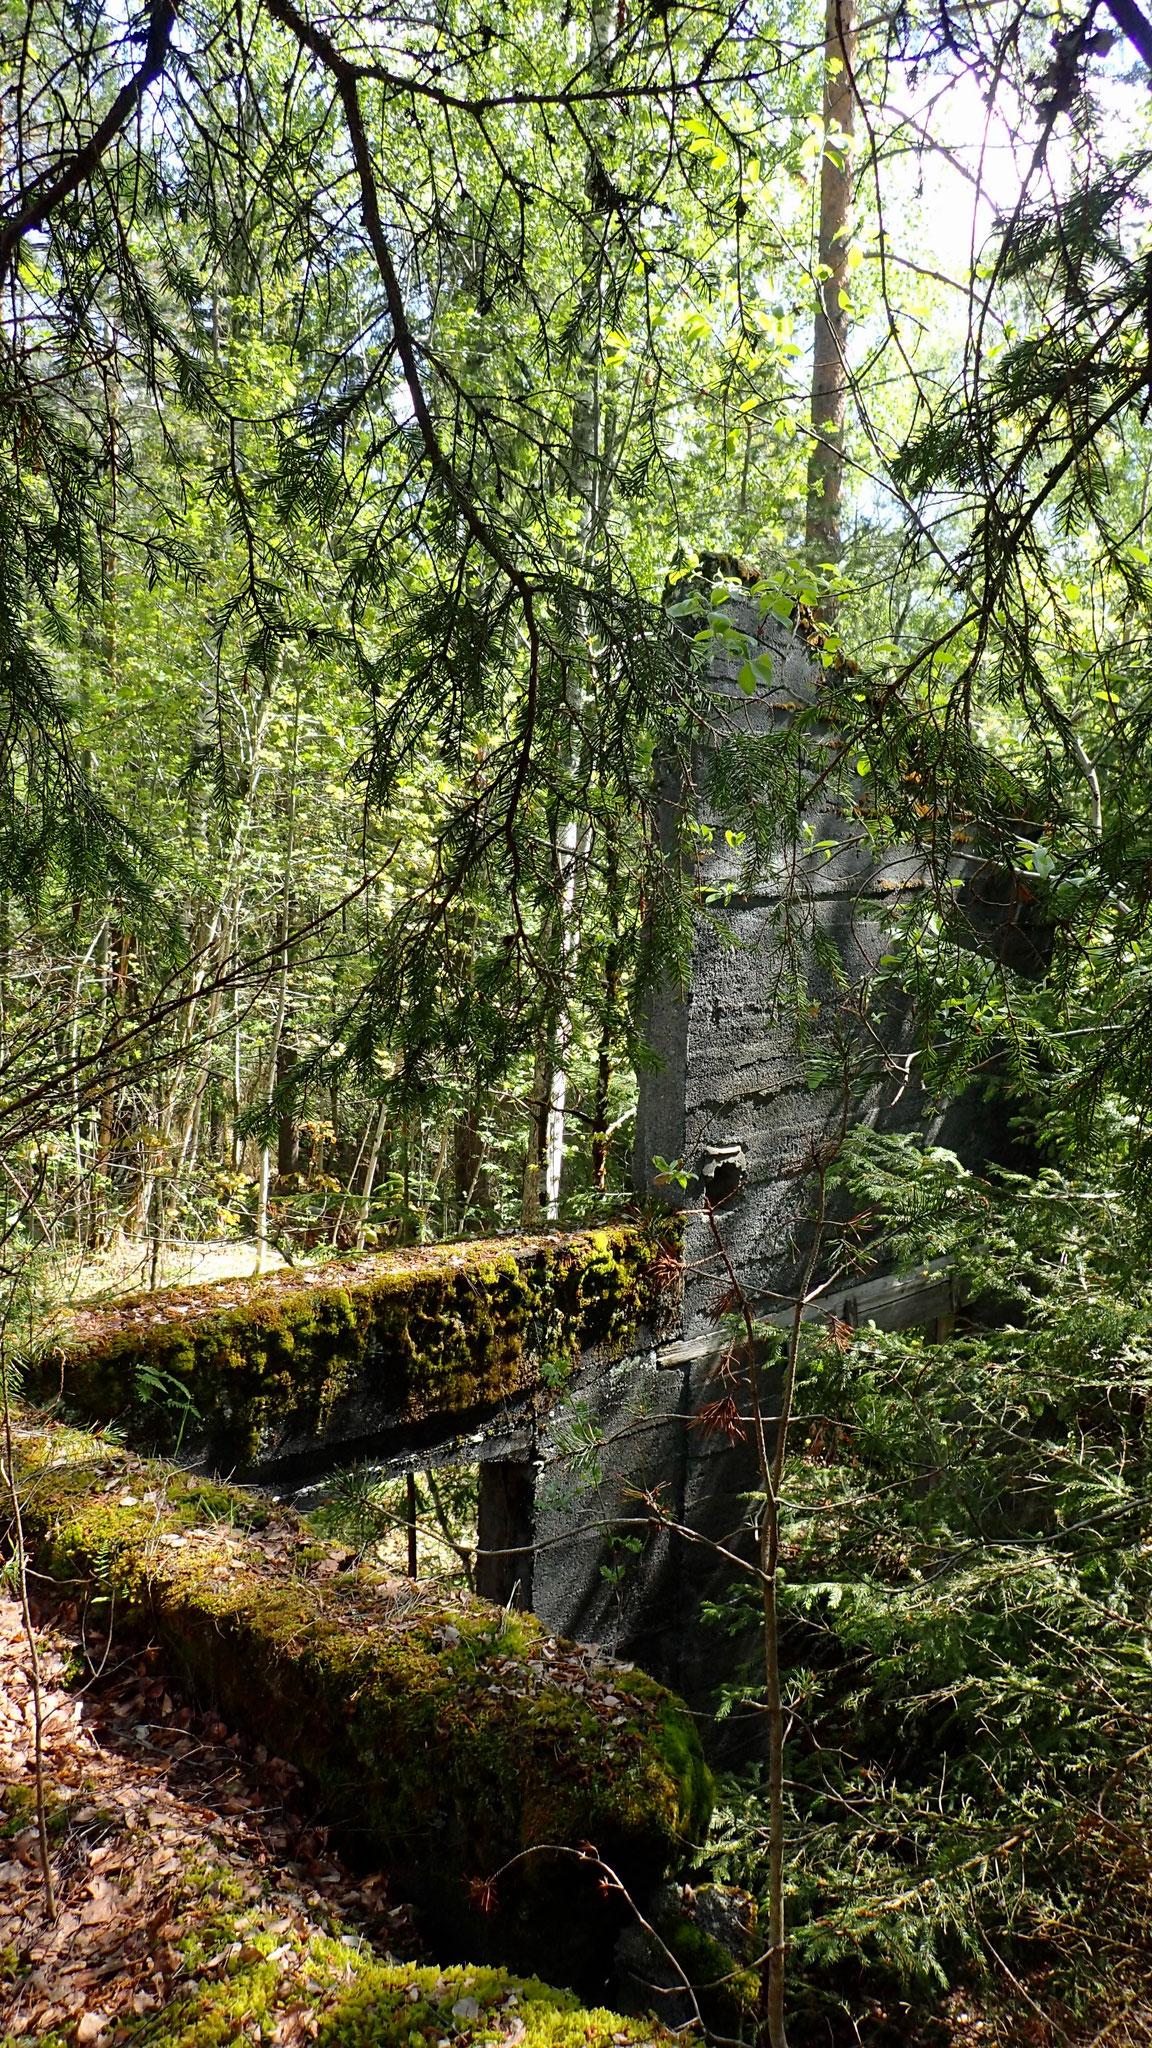 murrester etter vaskeriet til Tinnsjø Kobbermine